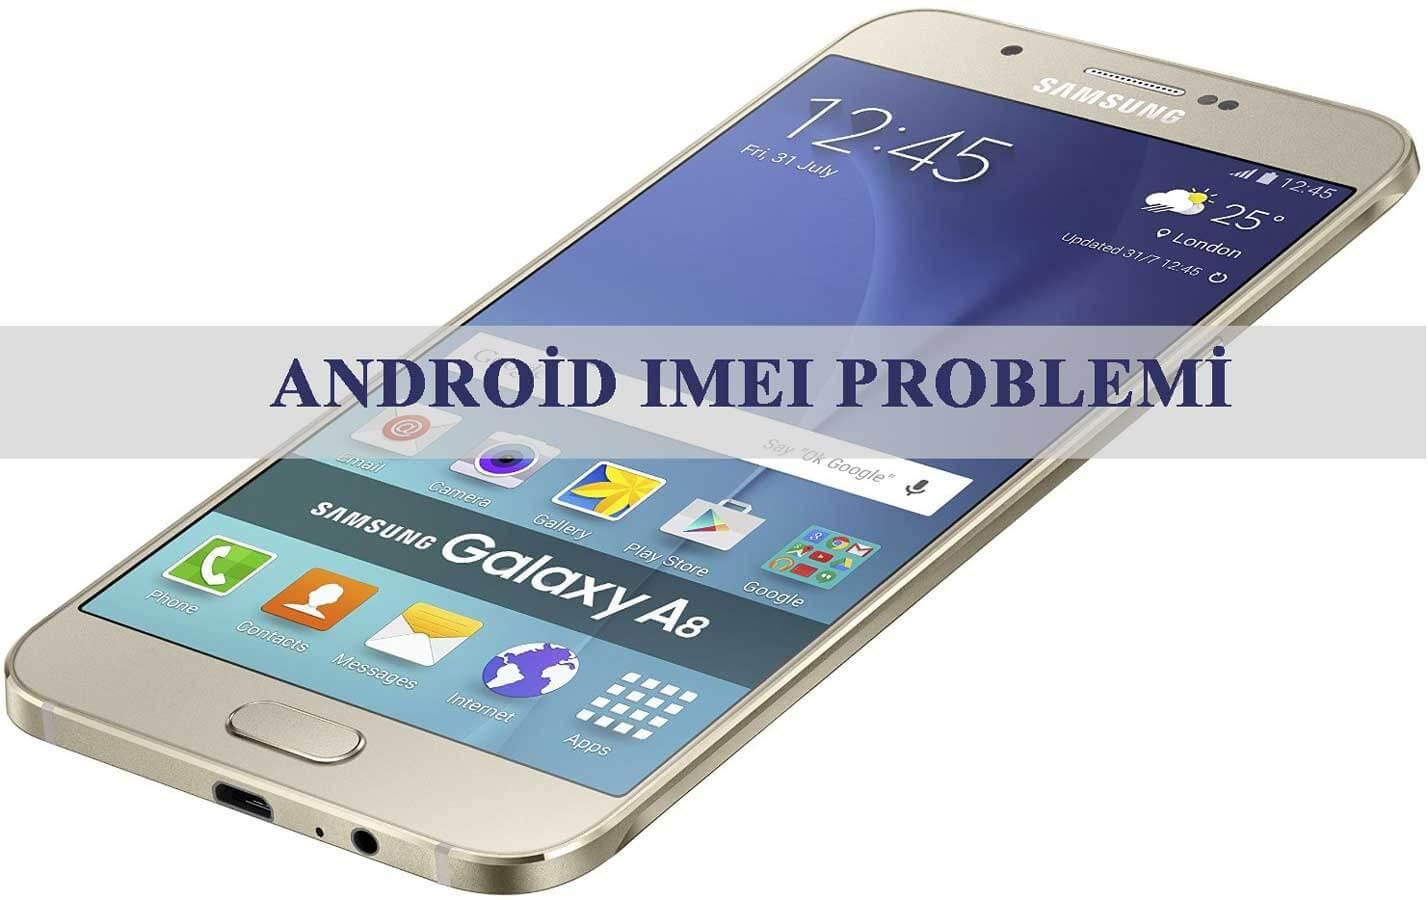 IMEI kayboldu sorunu IMEI IMEI Sorunu İçin Çözüm android imei problemi